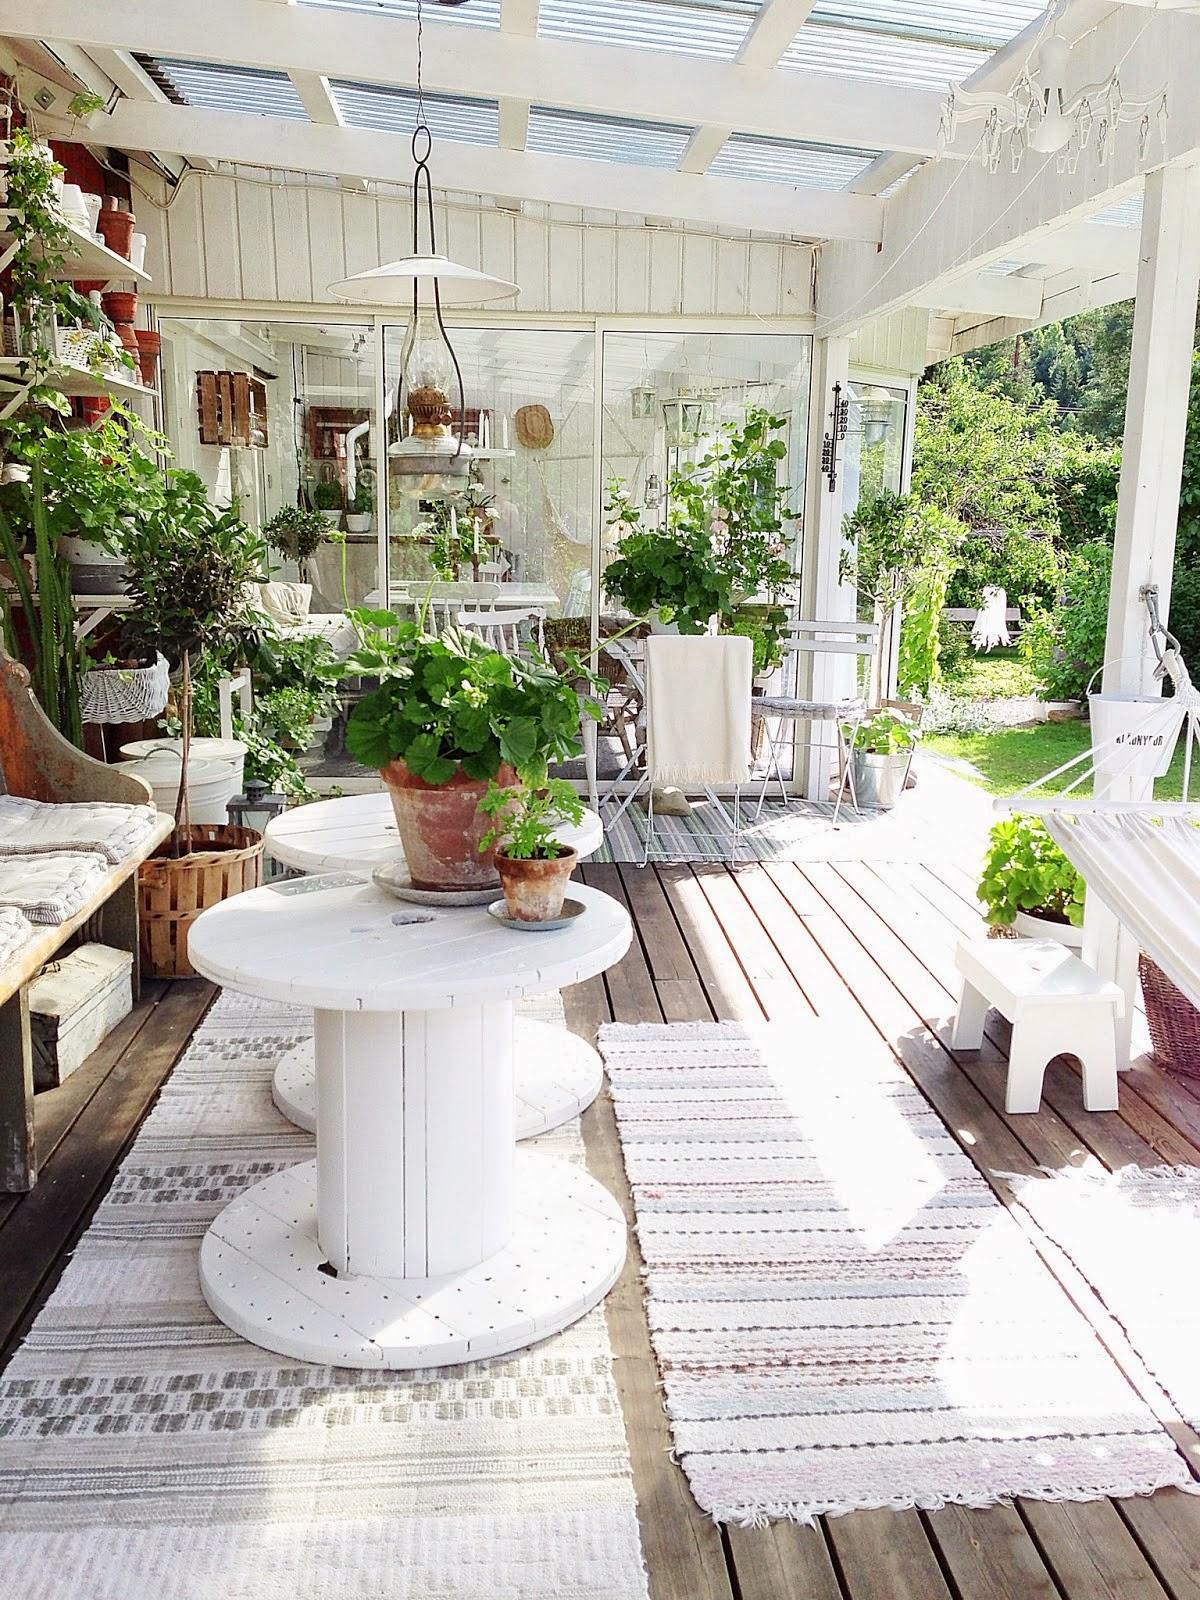 idée de décoration terrasse exterieur avec banc en bois brut et tables en touret blancs, touret bois deco avec beaucoup de plantes vertes